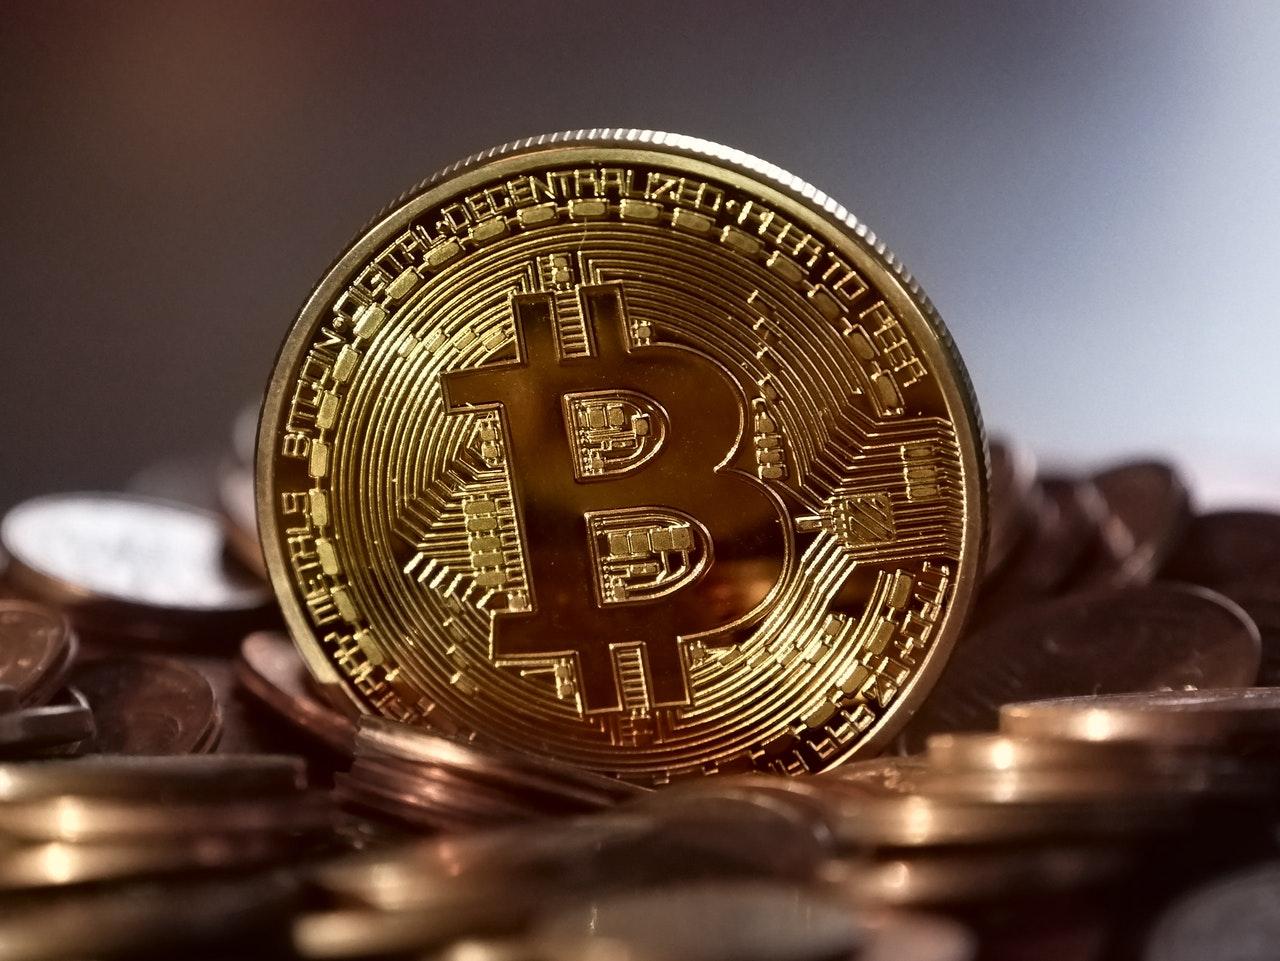 【コラム】仮想通貨が投機やギャンブルの視点から見ても割が合わないと思う6つの理由